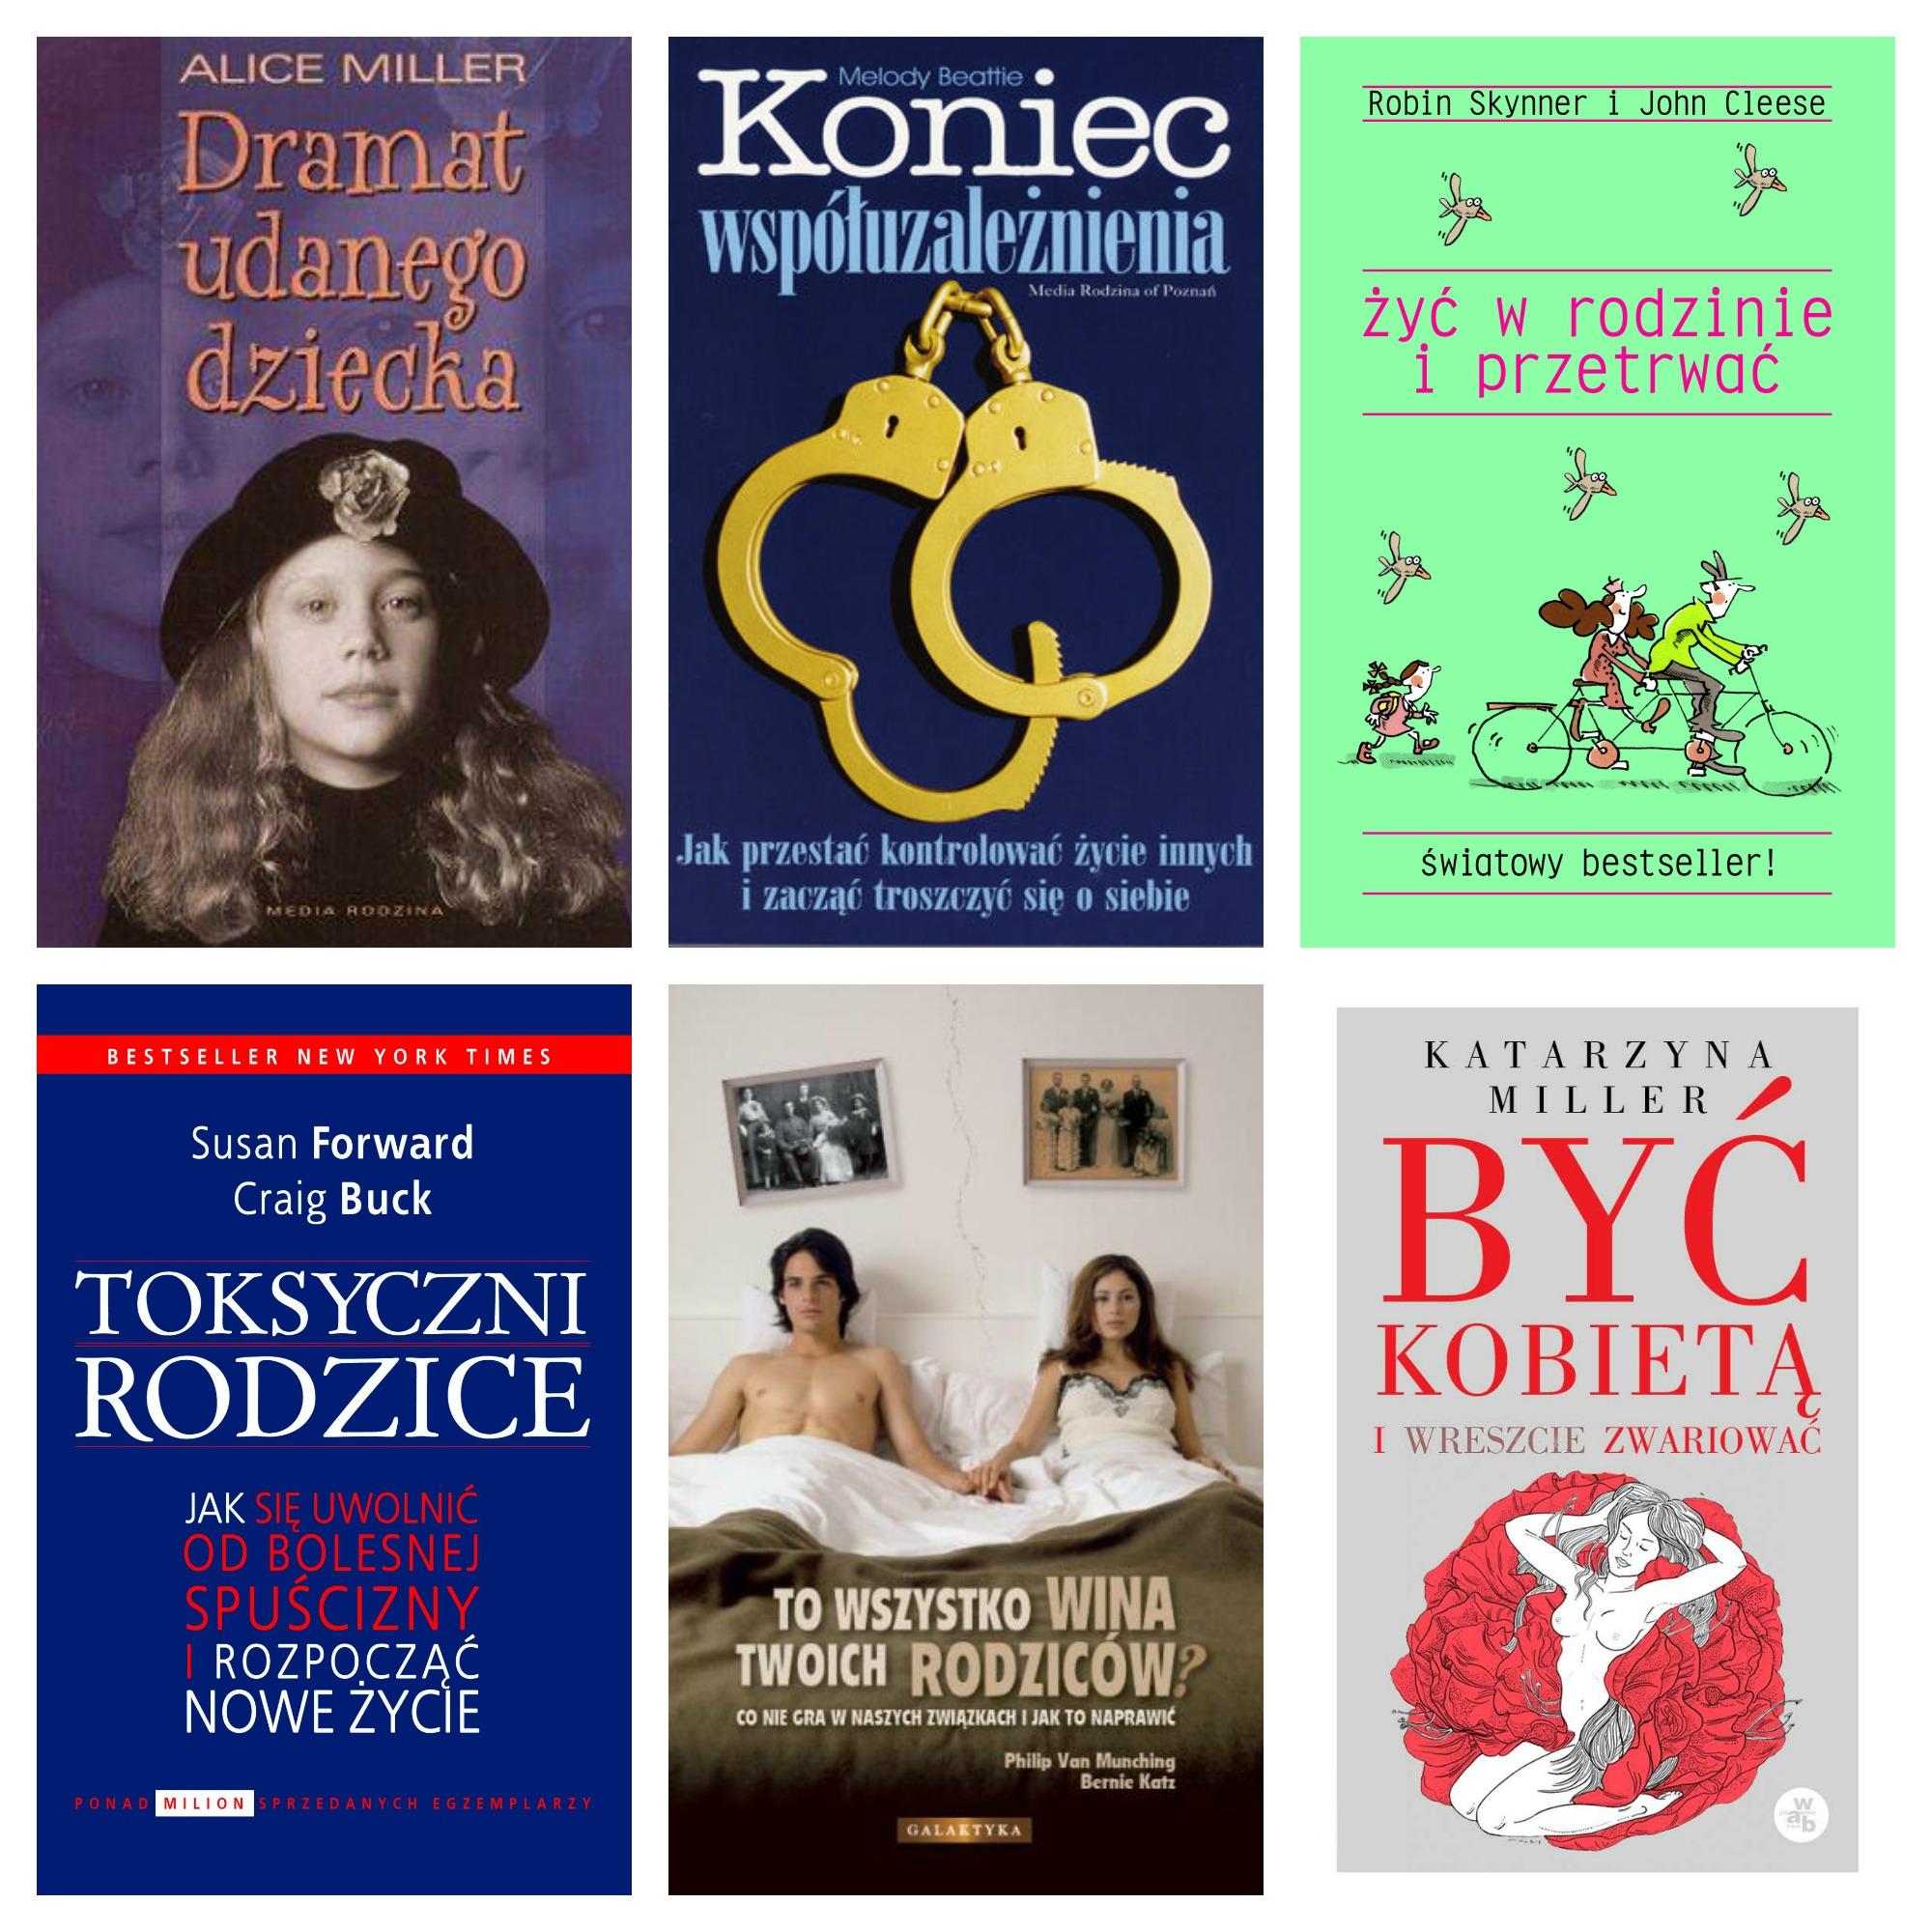 Toksyczny rodzic – jakie książki mogą pomóc w radzeniu sobie z tą sytuacją?